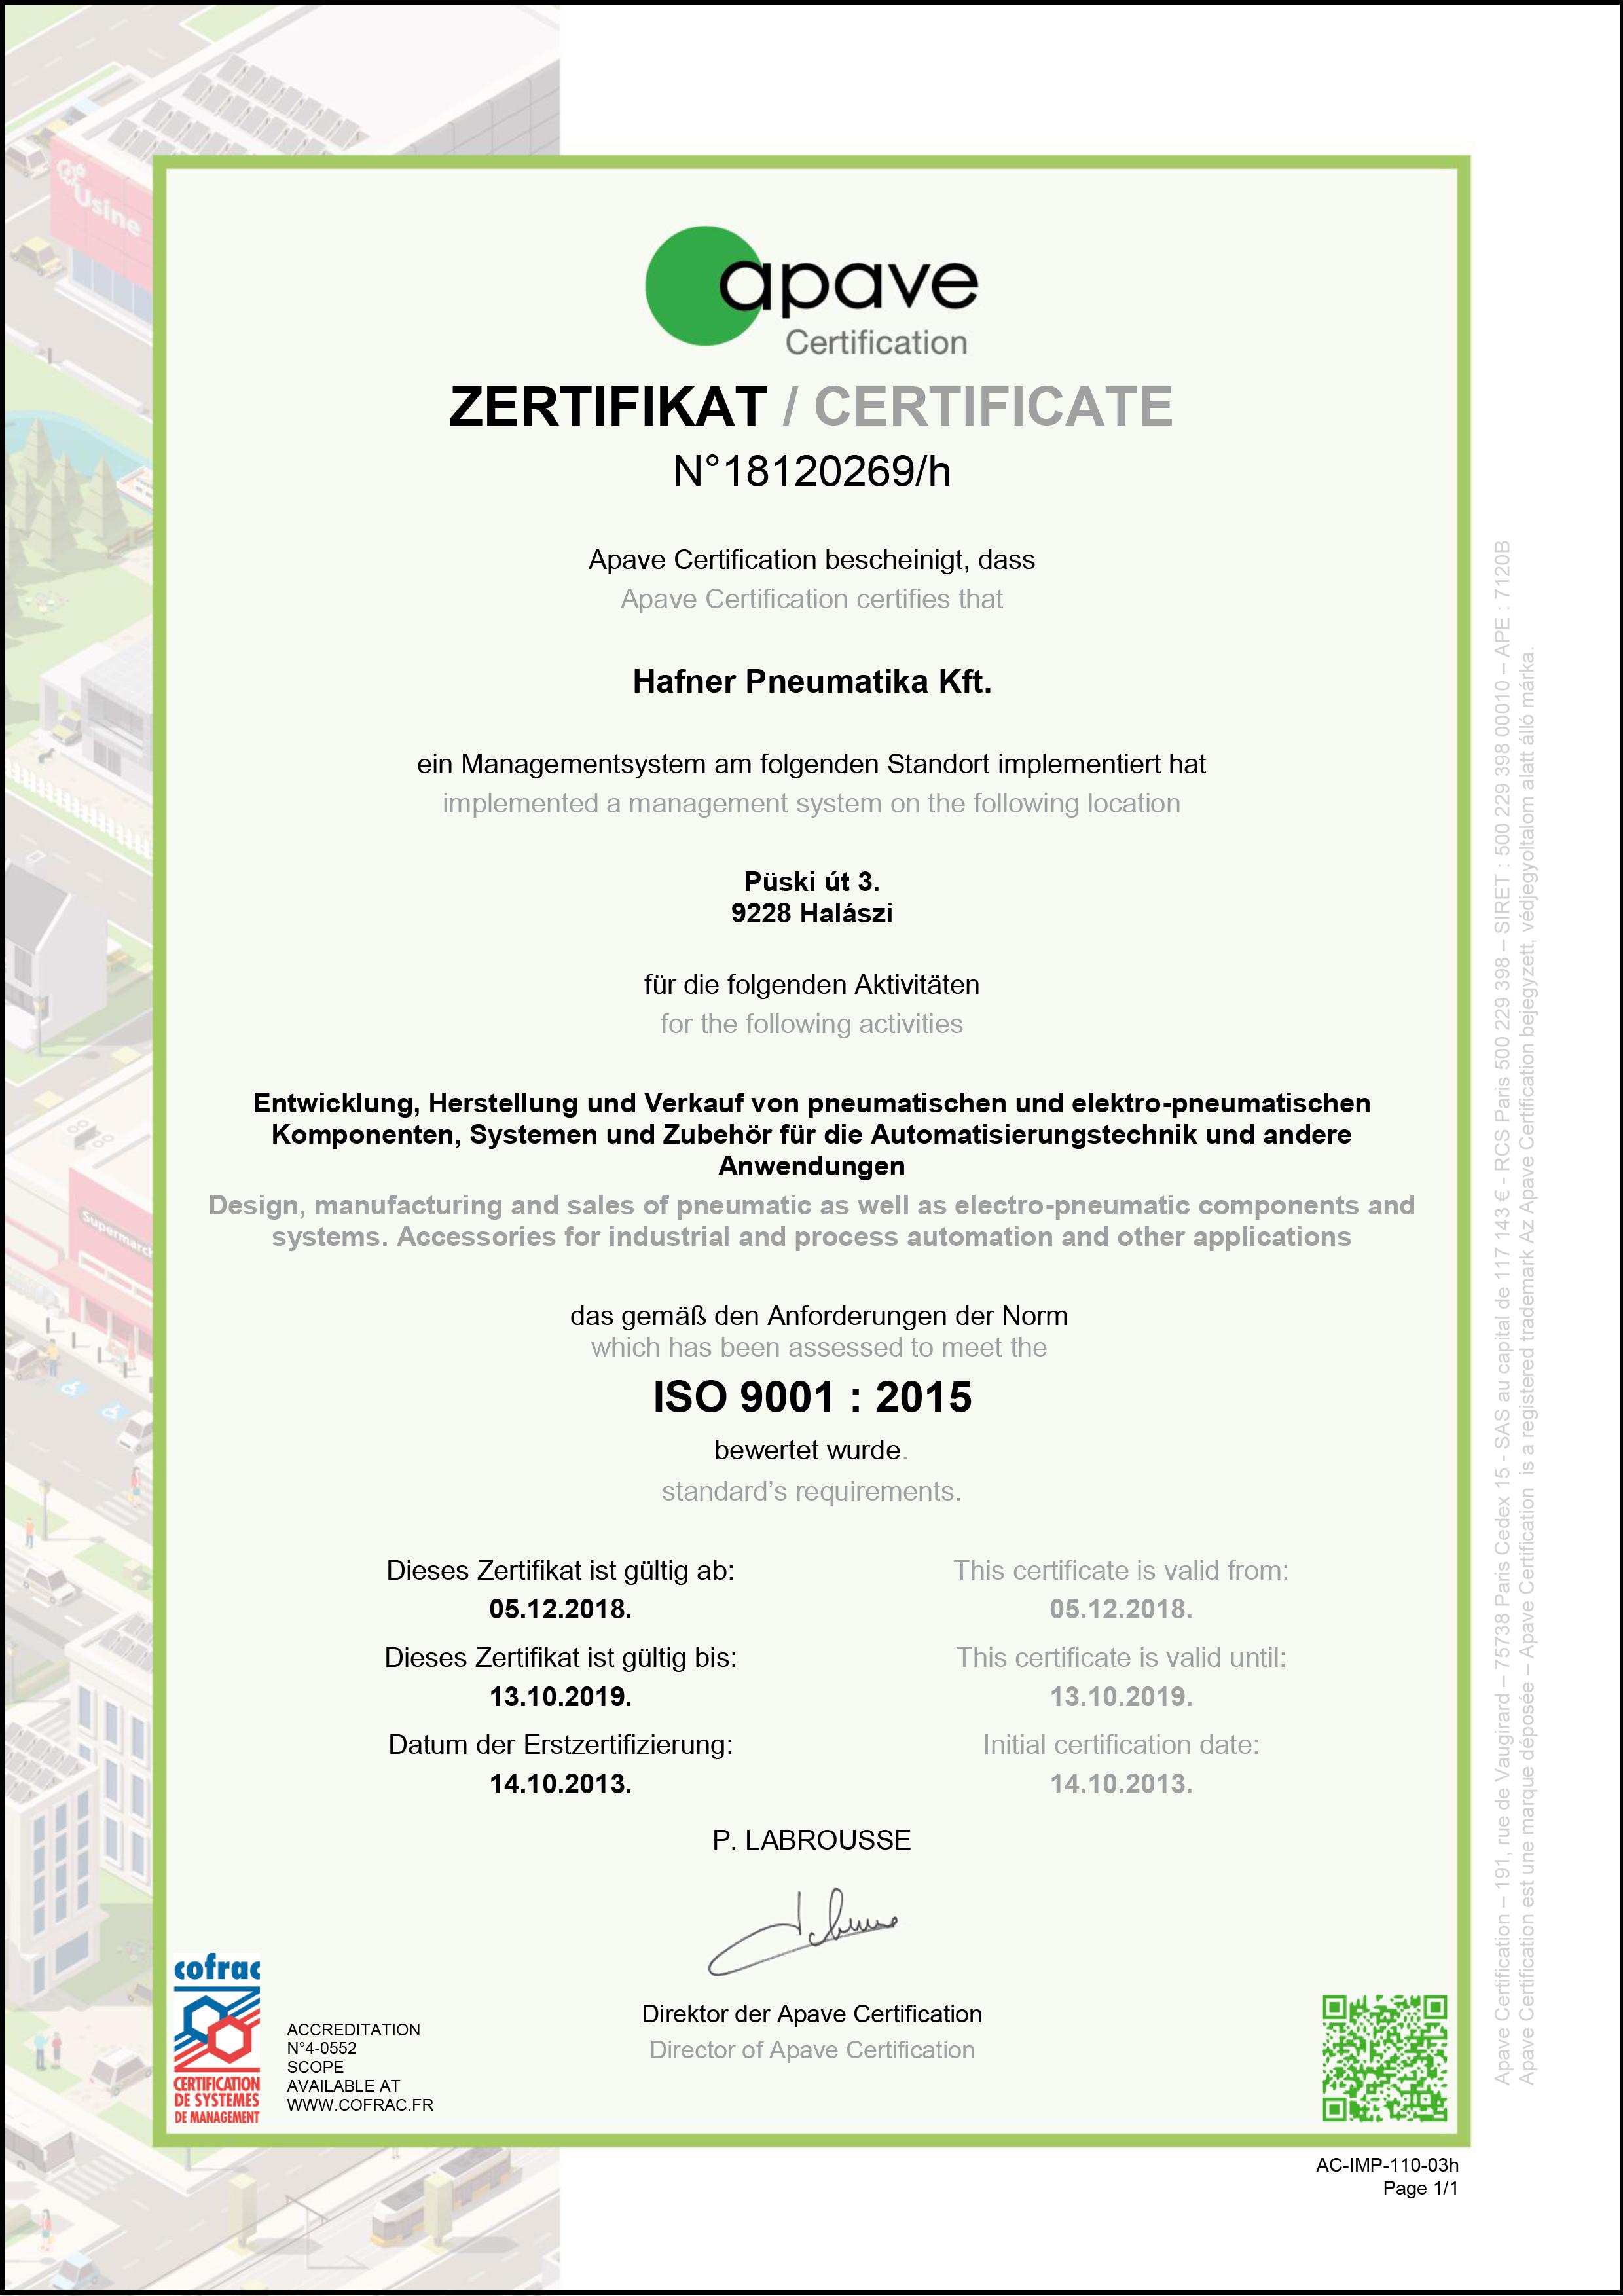 EN ISO 9001:2015 magyar nyelvű tanúsítvány